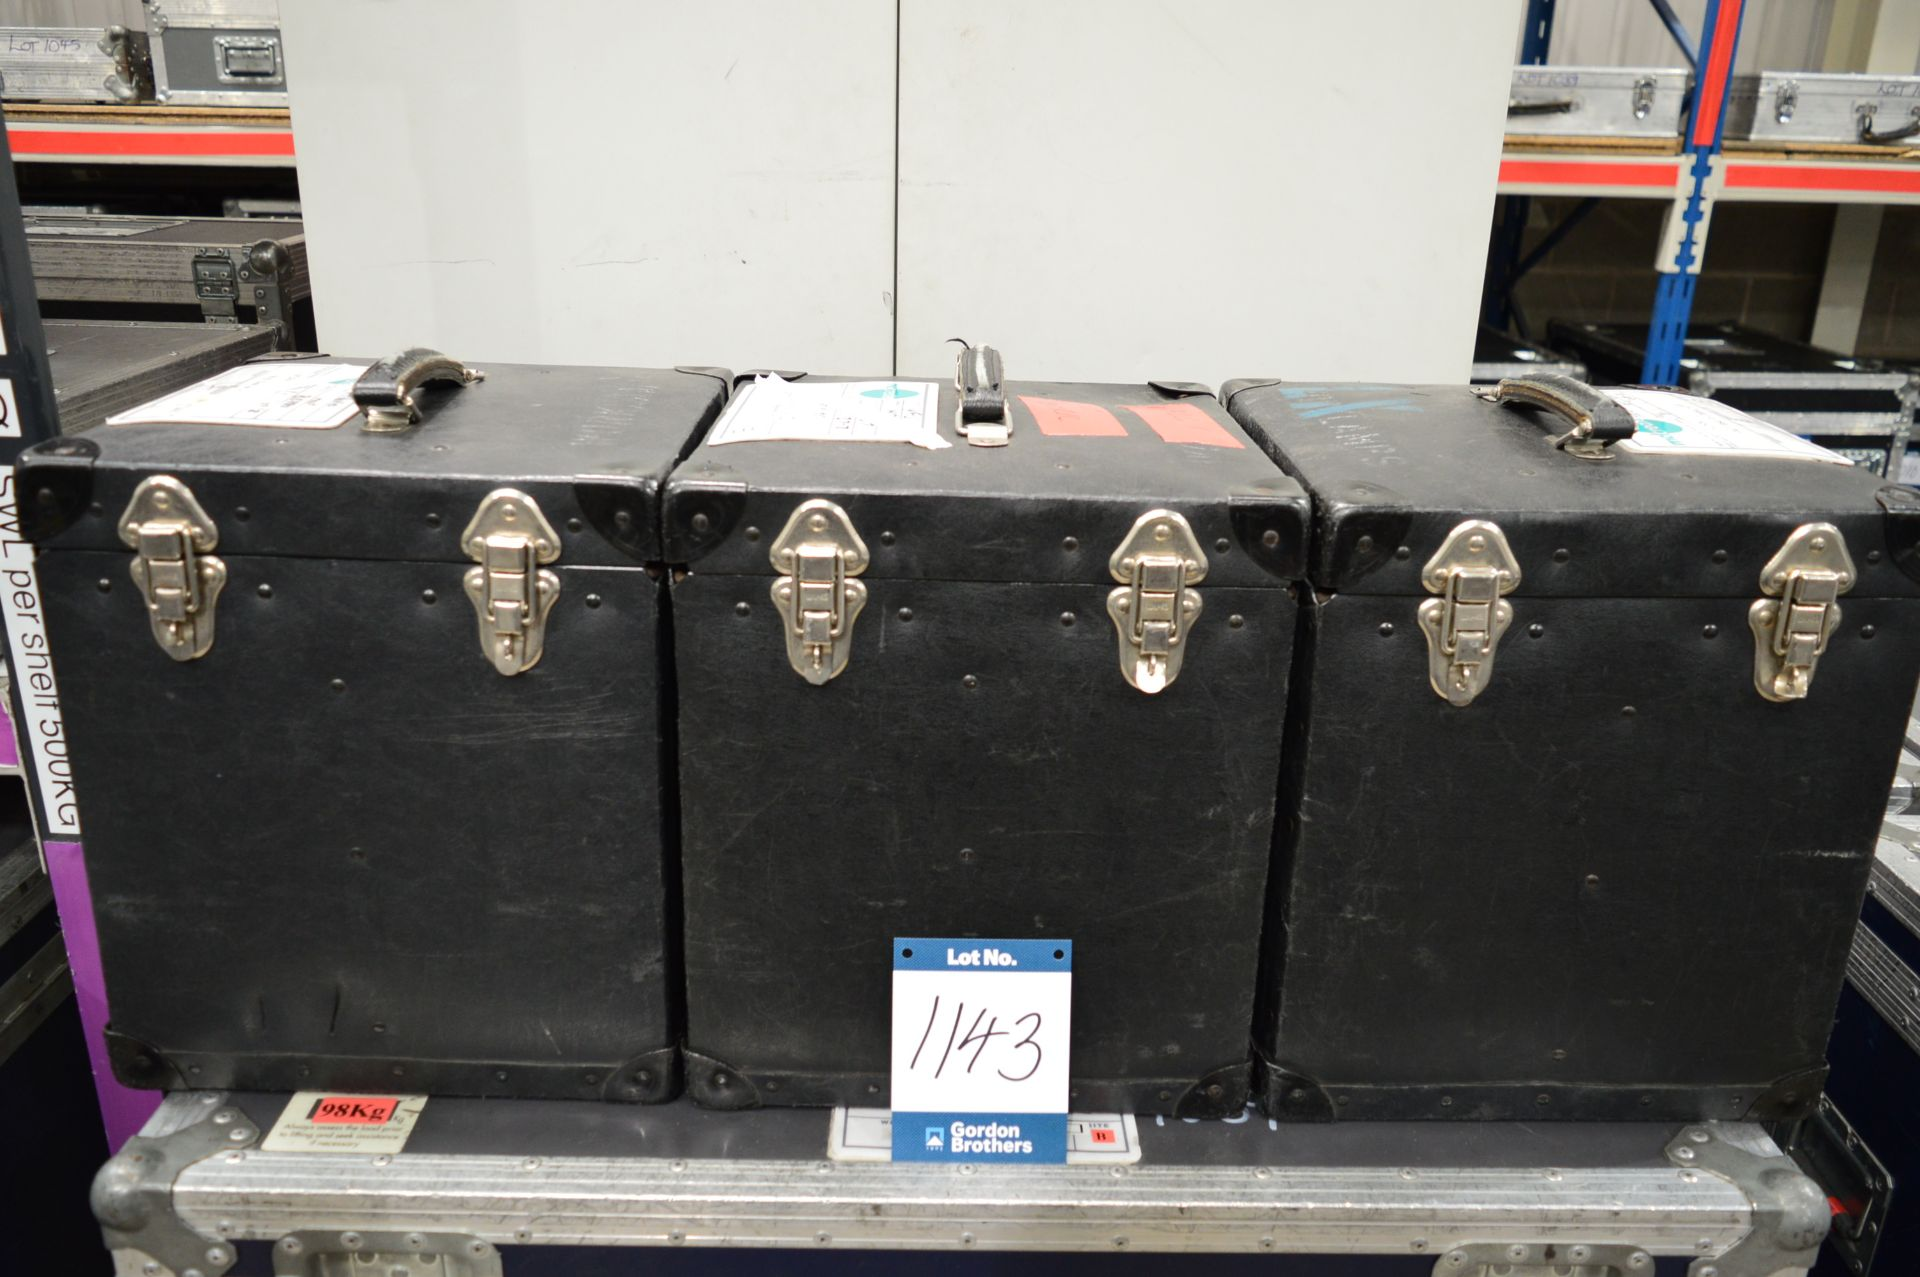 Lot 1143 - 3x No. sets of four gooseneck desk/work lights eac